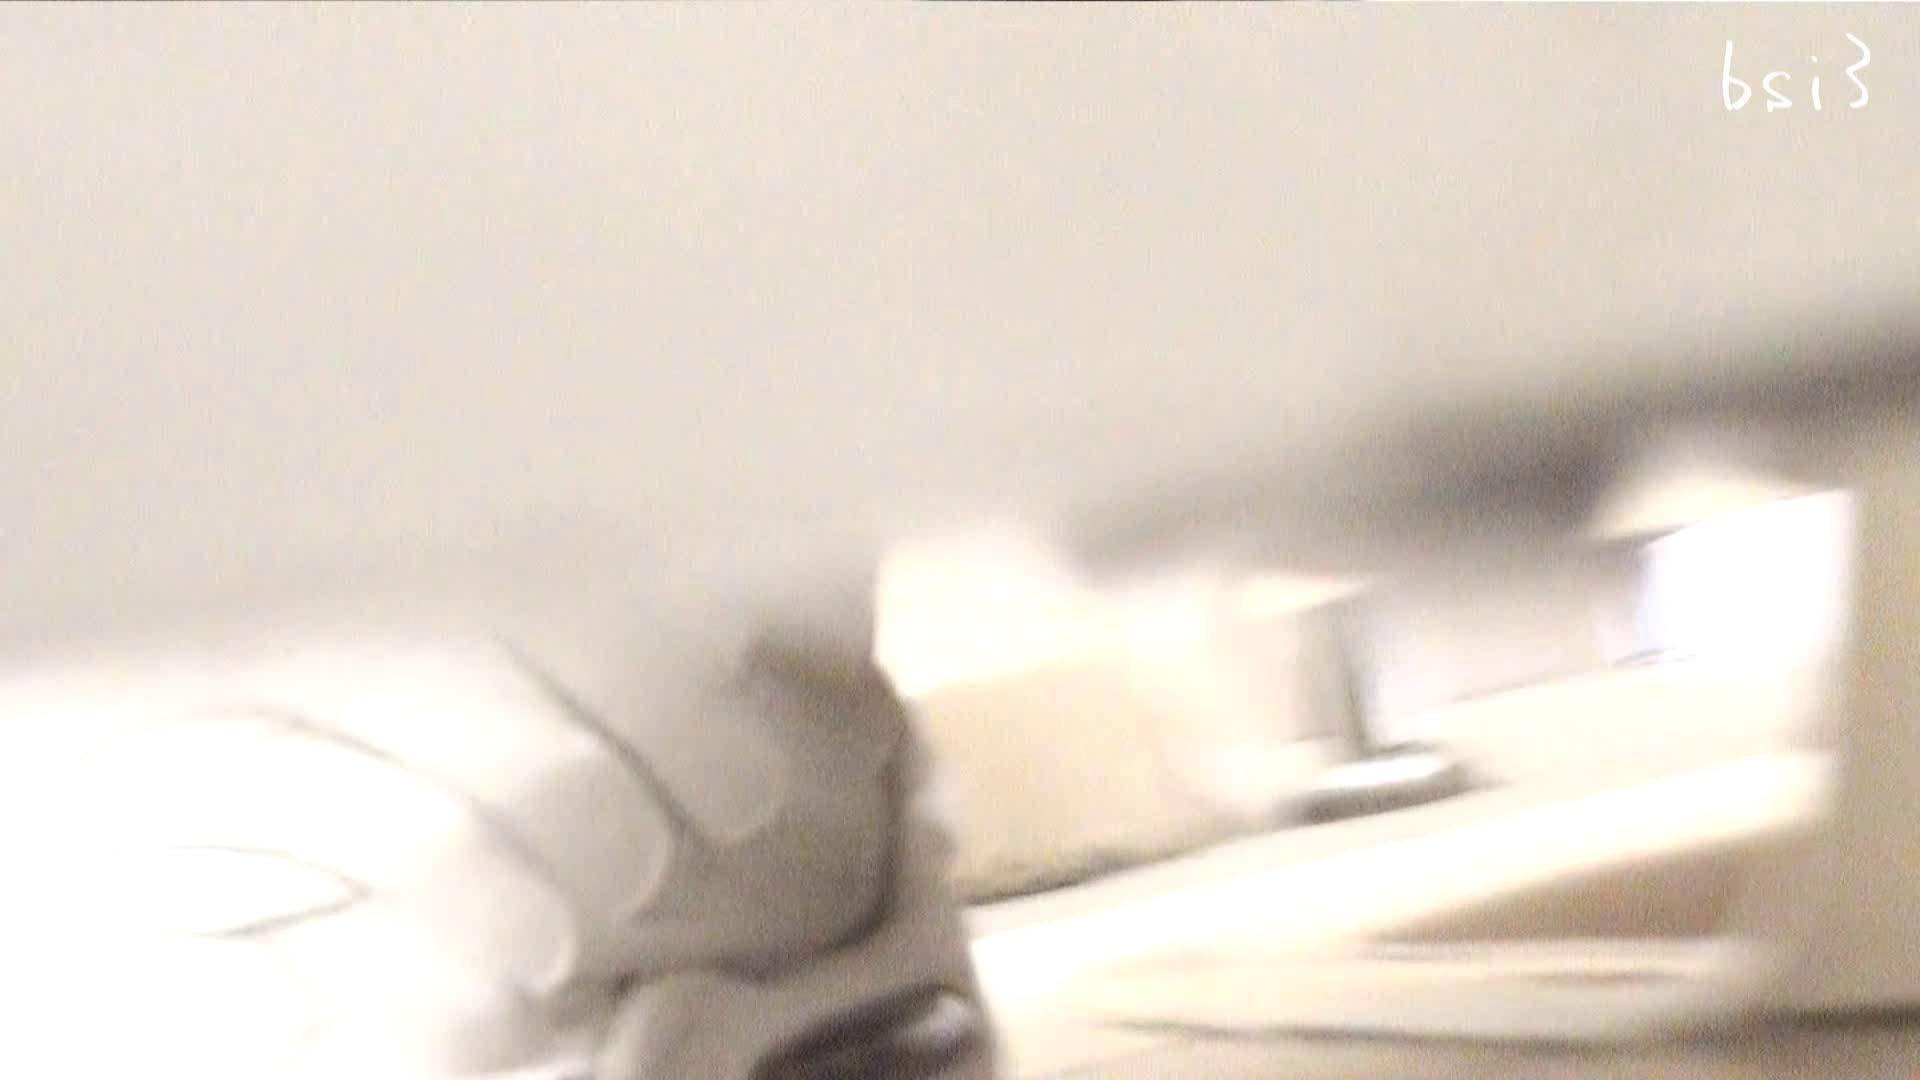 セックスアダルト動画|至高下半身盗撮-PREMIUM-【院内病棟編 】VOL3|怪盗ジョーカー